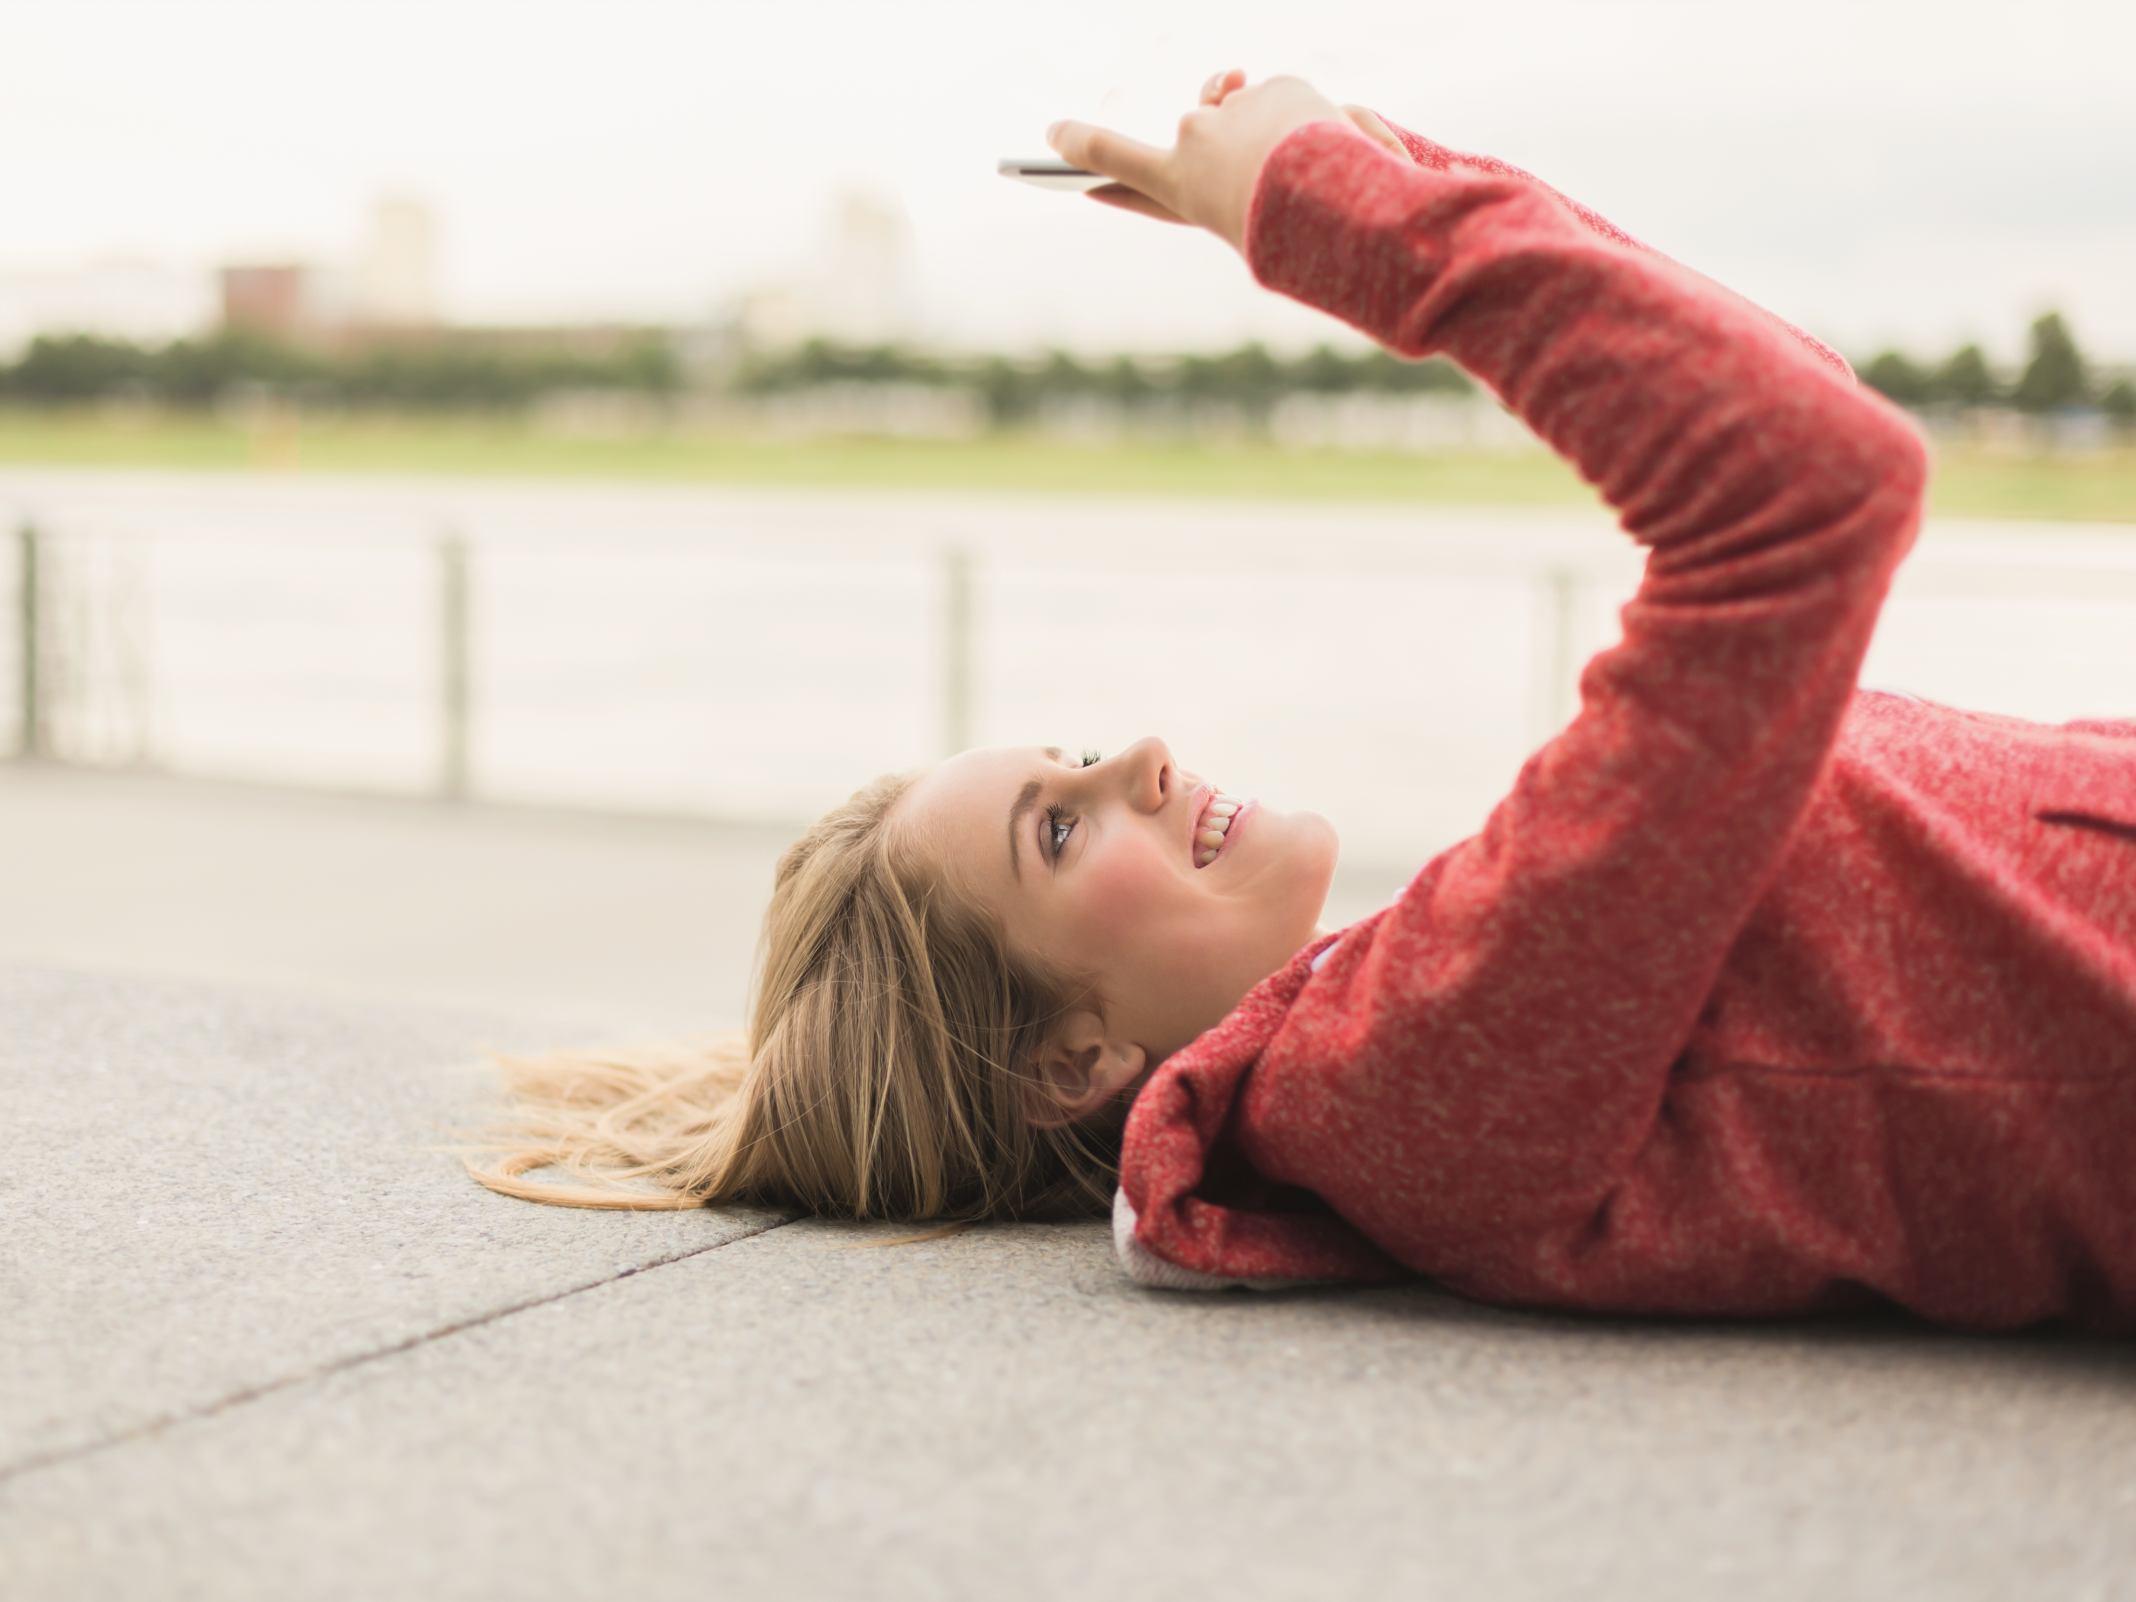 Eine Frau liegt entspannt auf dem Moden und nutzt ihr Handy